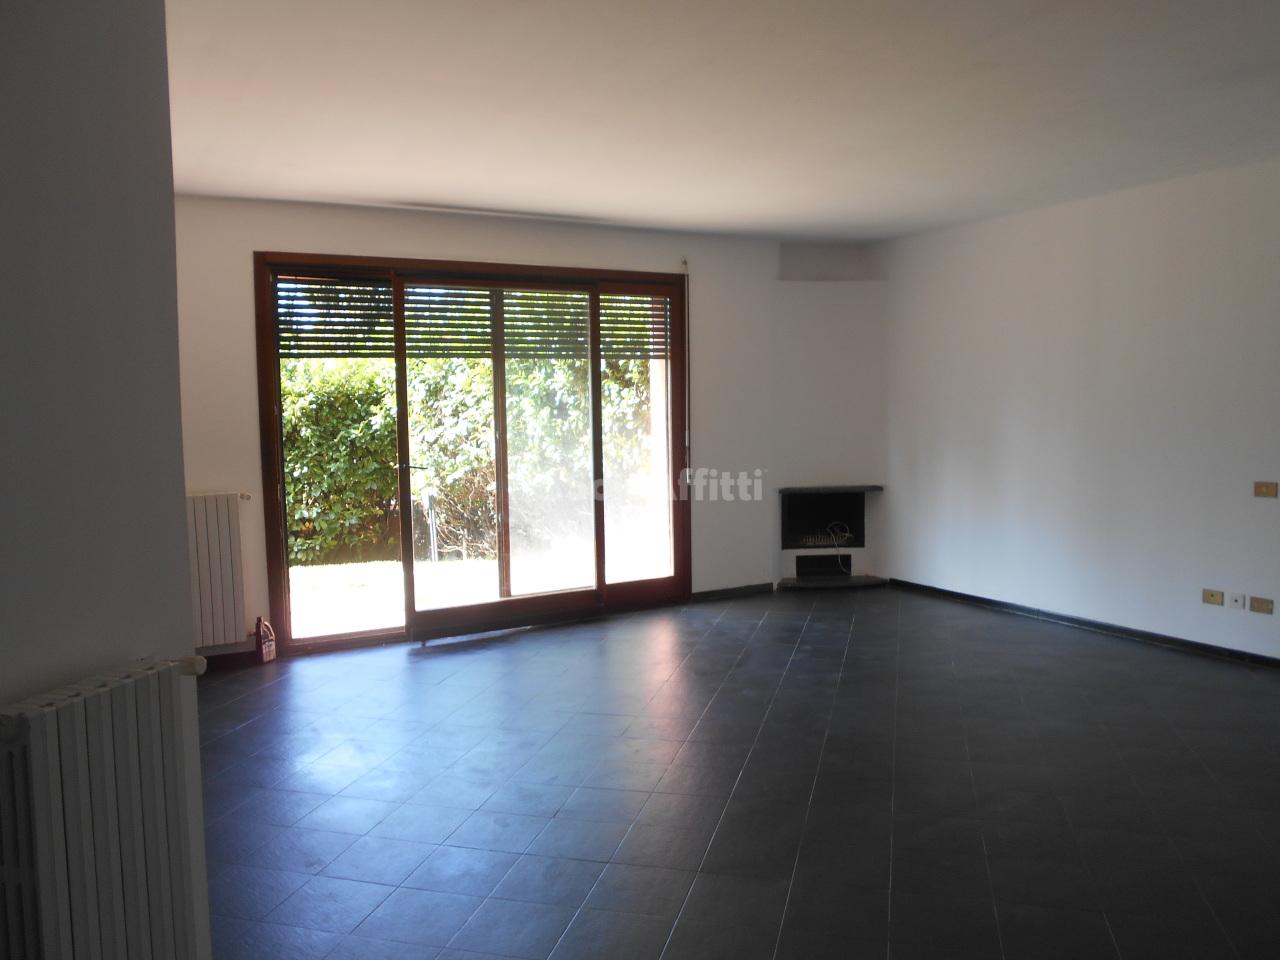 Appartamento in affitto a Carimate (CO)